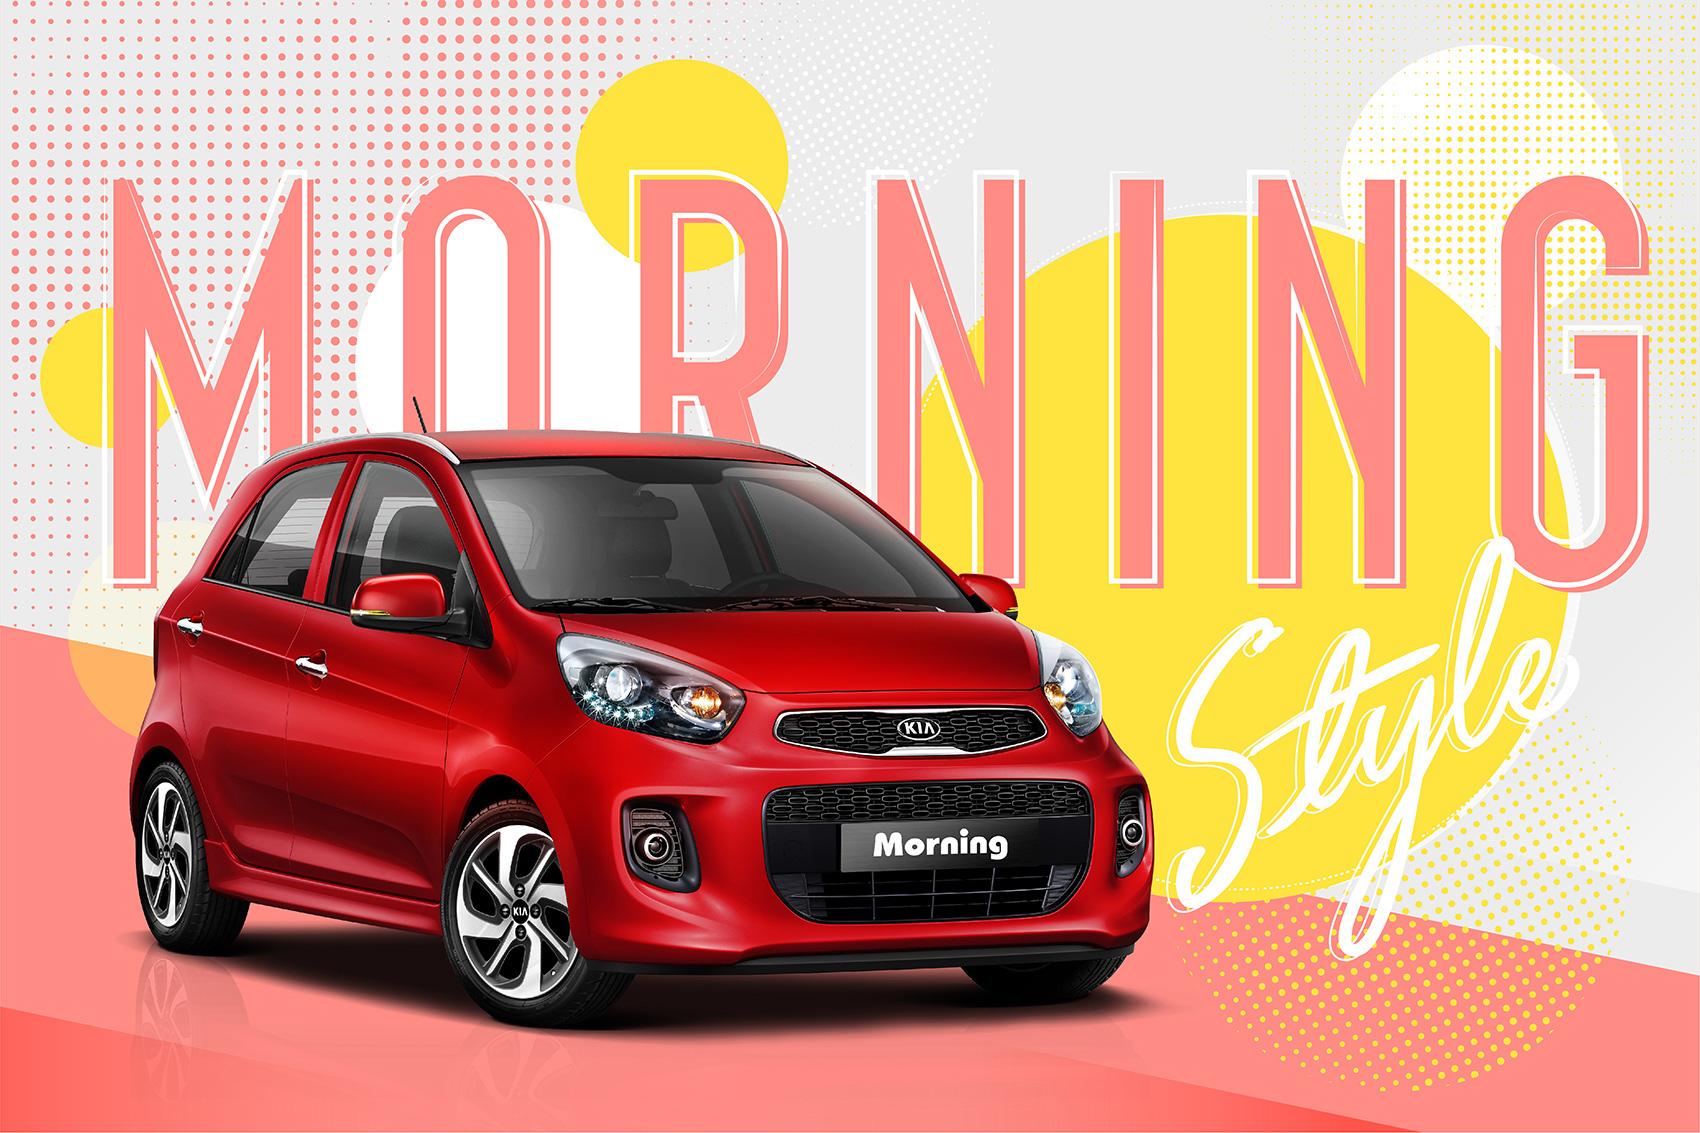 Đa dạng phong cách cùng bộ sưu tập màu mới của Kia Morning - Ảnh 2.